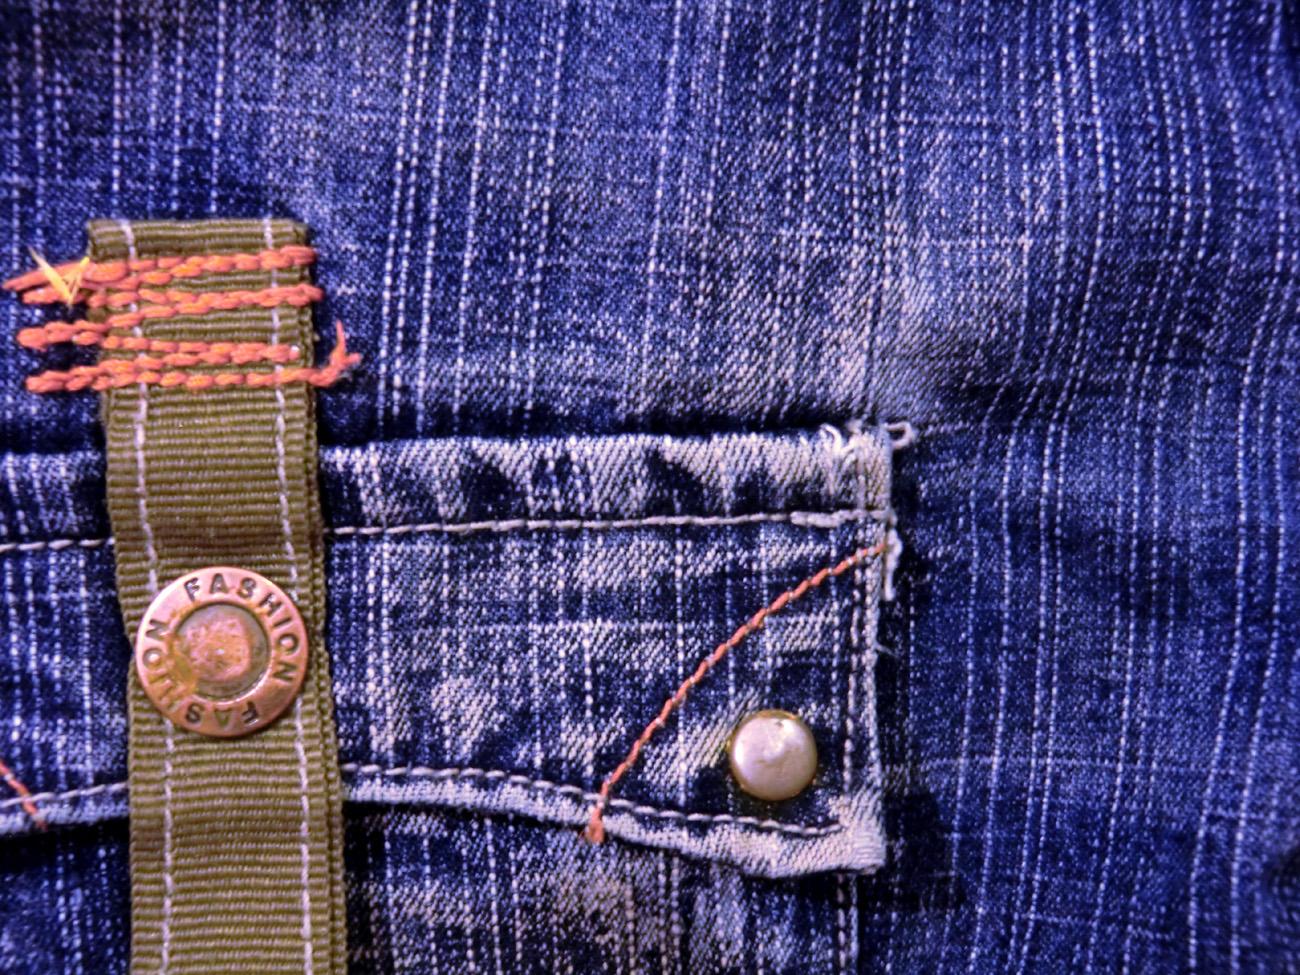 http://4.bp.blogspot.com/-kW3aY1xF44Y/Tuh_h8ulpeI/AAAAAAAAY8U/bso15IAzpBo/s1600/Gruge+Jeans+Wallpapers.jpg